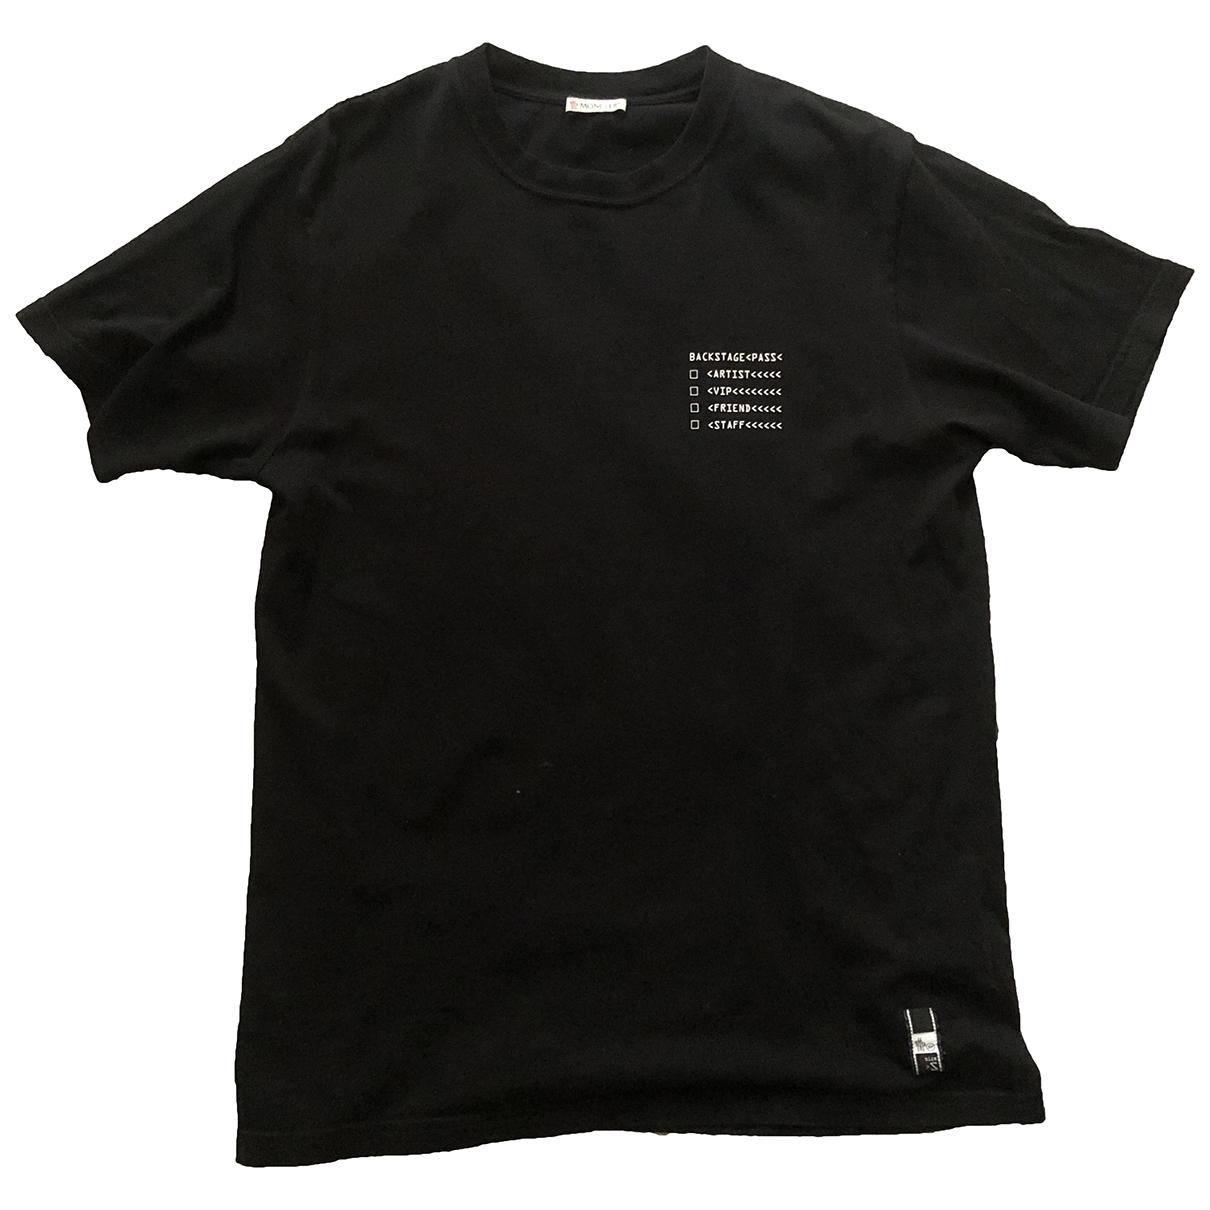 Moncler Genius - Tee shirts   pour homme en coton - noir